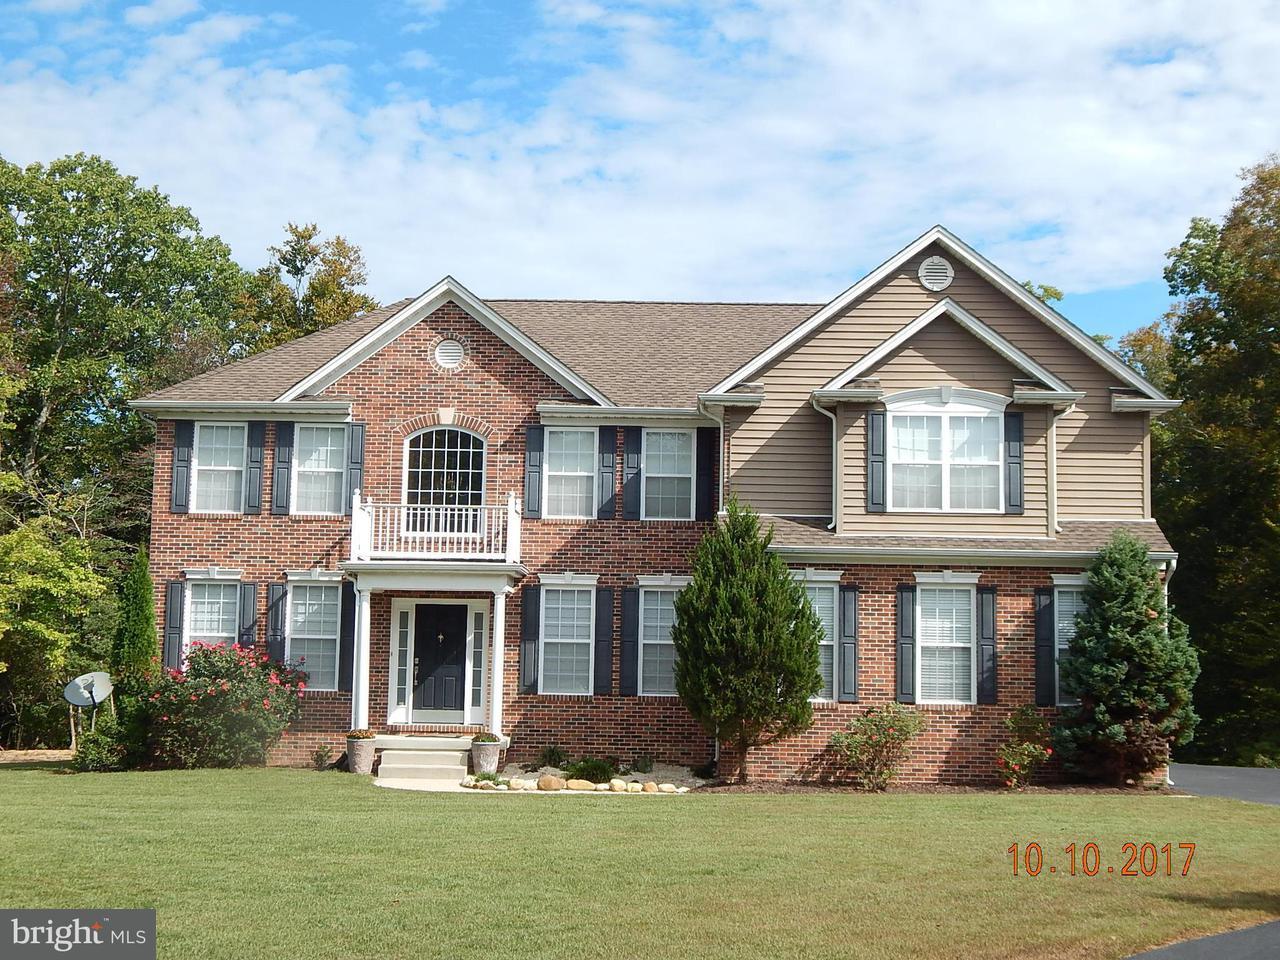 一戸建て のために 売買 アット 46200 CRANEY COVE Lane 46200 CRANEY COVE Lane Great Mills, メリーランド 20634 アメリカ合衆国